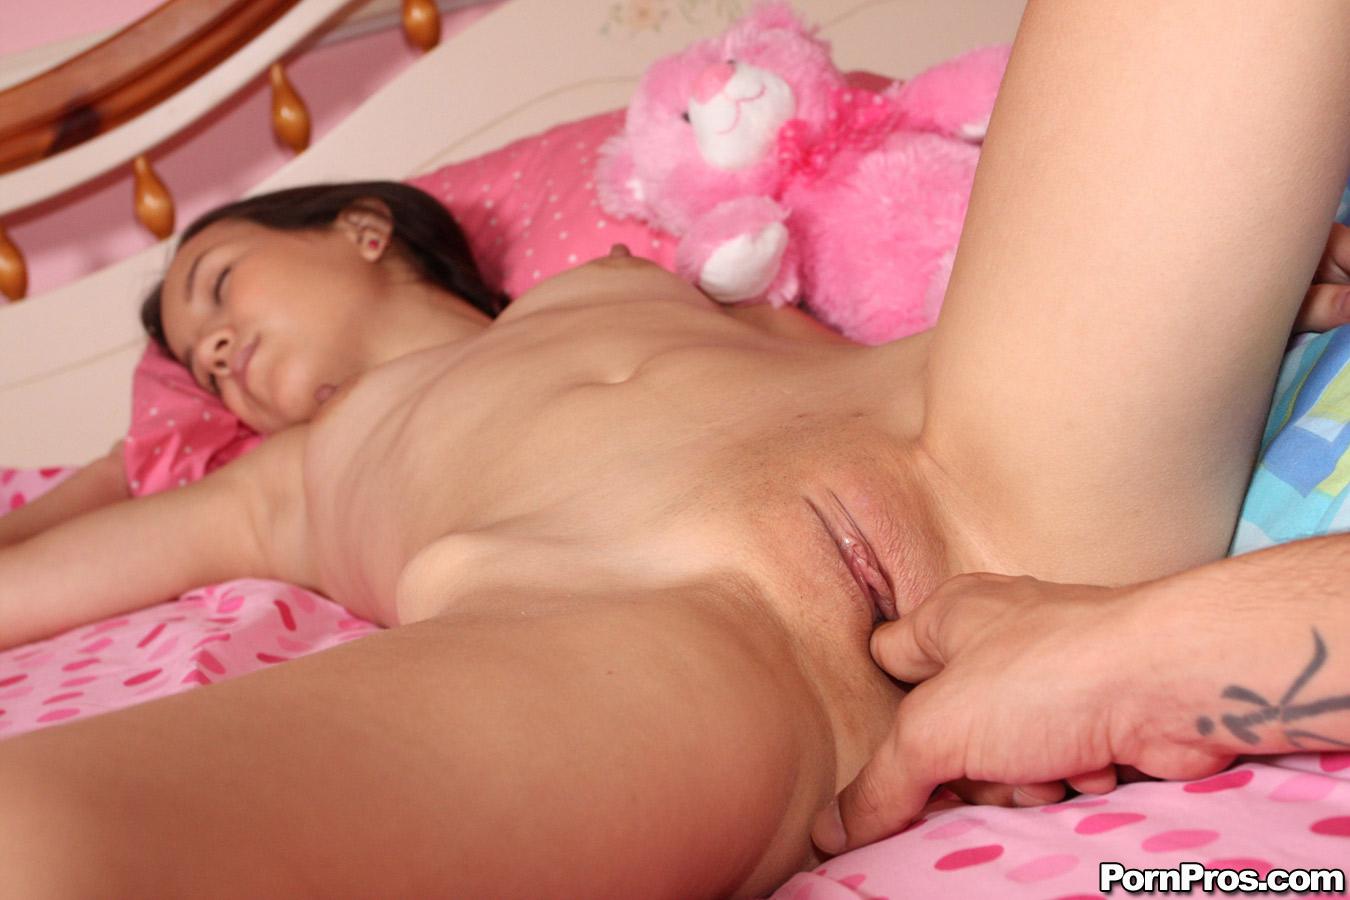 Киска у спящей девушки фото 457-126